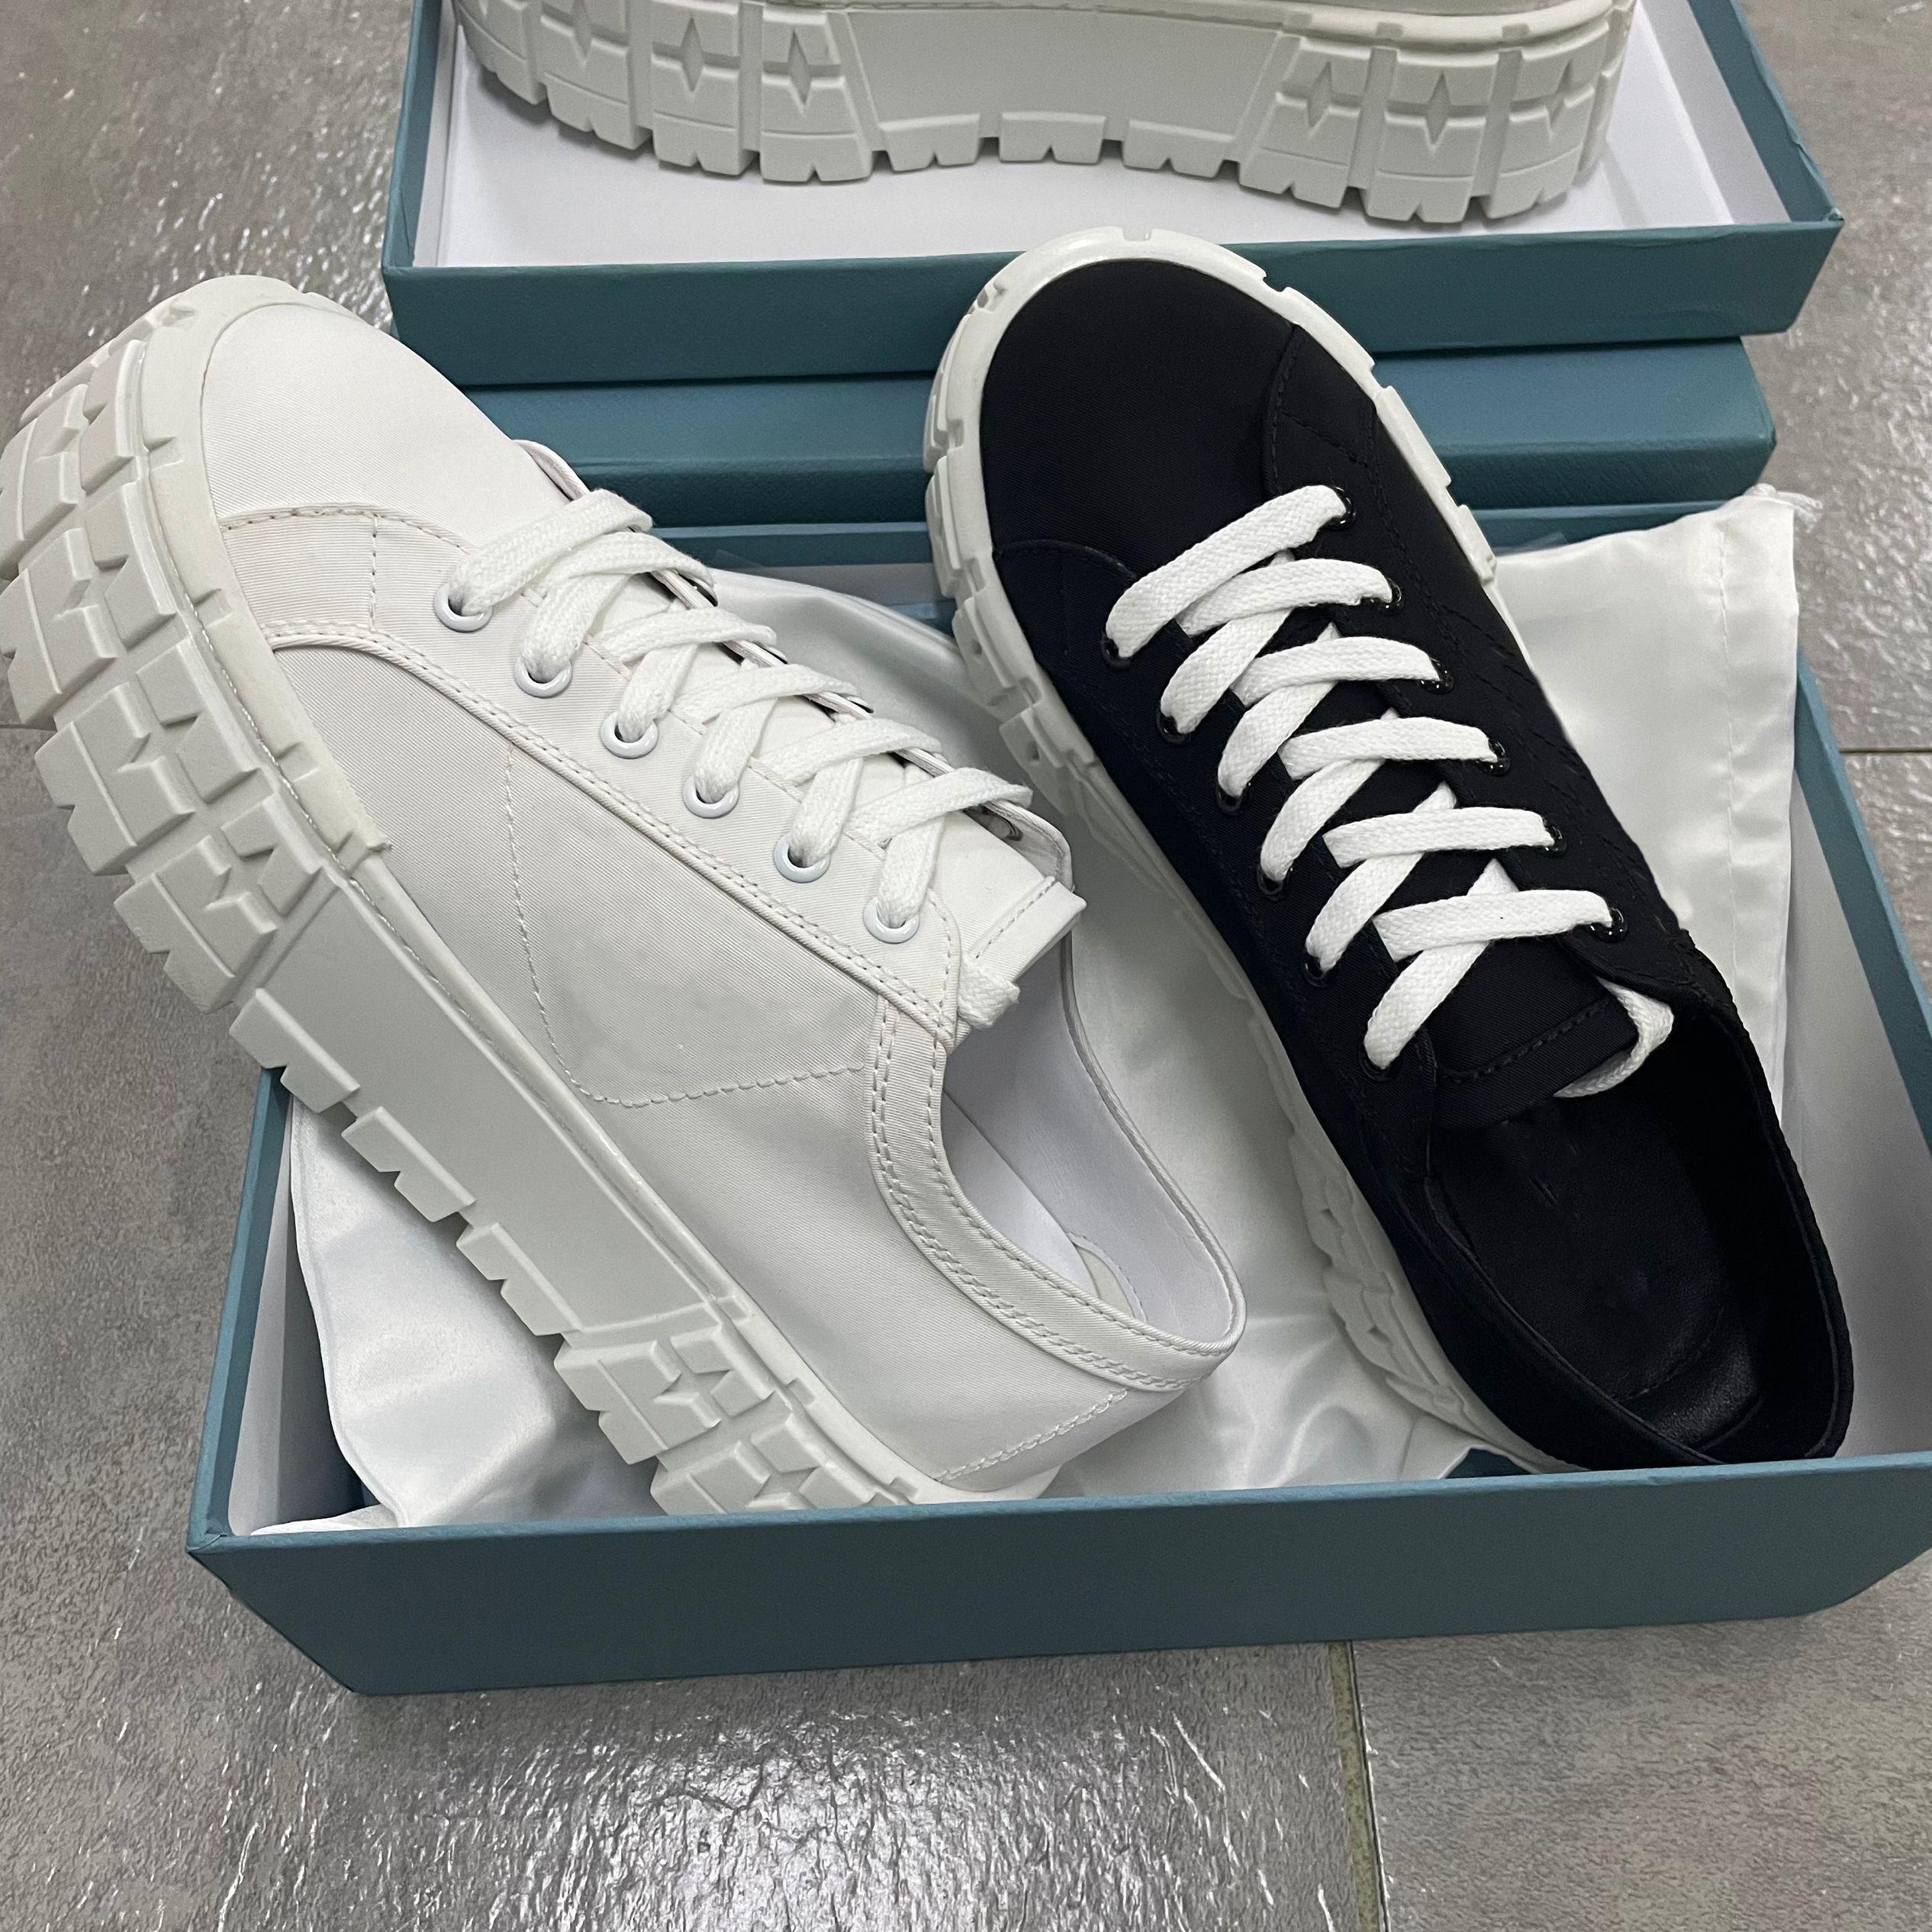 Kadın Tekerlek Cassetta Platformu Düz Sneakers Kalın Kauçuk Alt Eğitmen Tuval Dantel-Up Ayakkabı Lüks Rahat Ayakkabılar Ile Kutusu 261